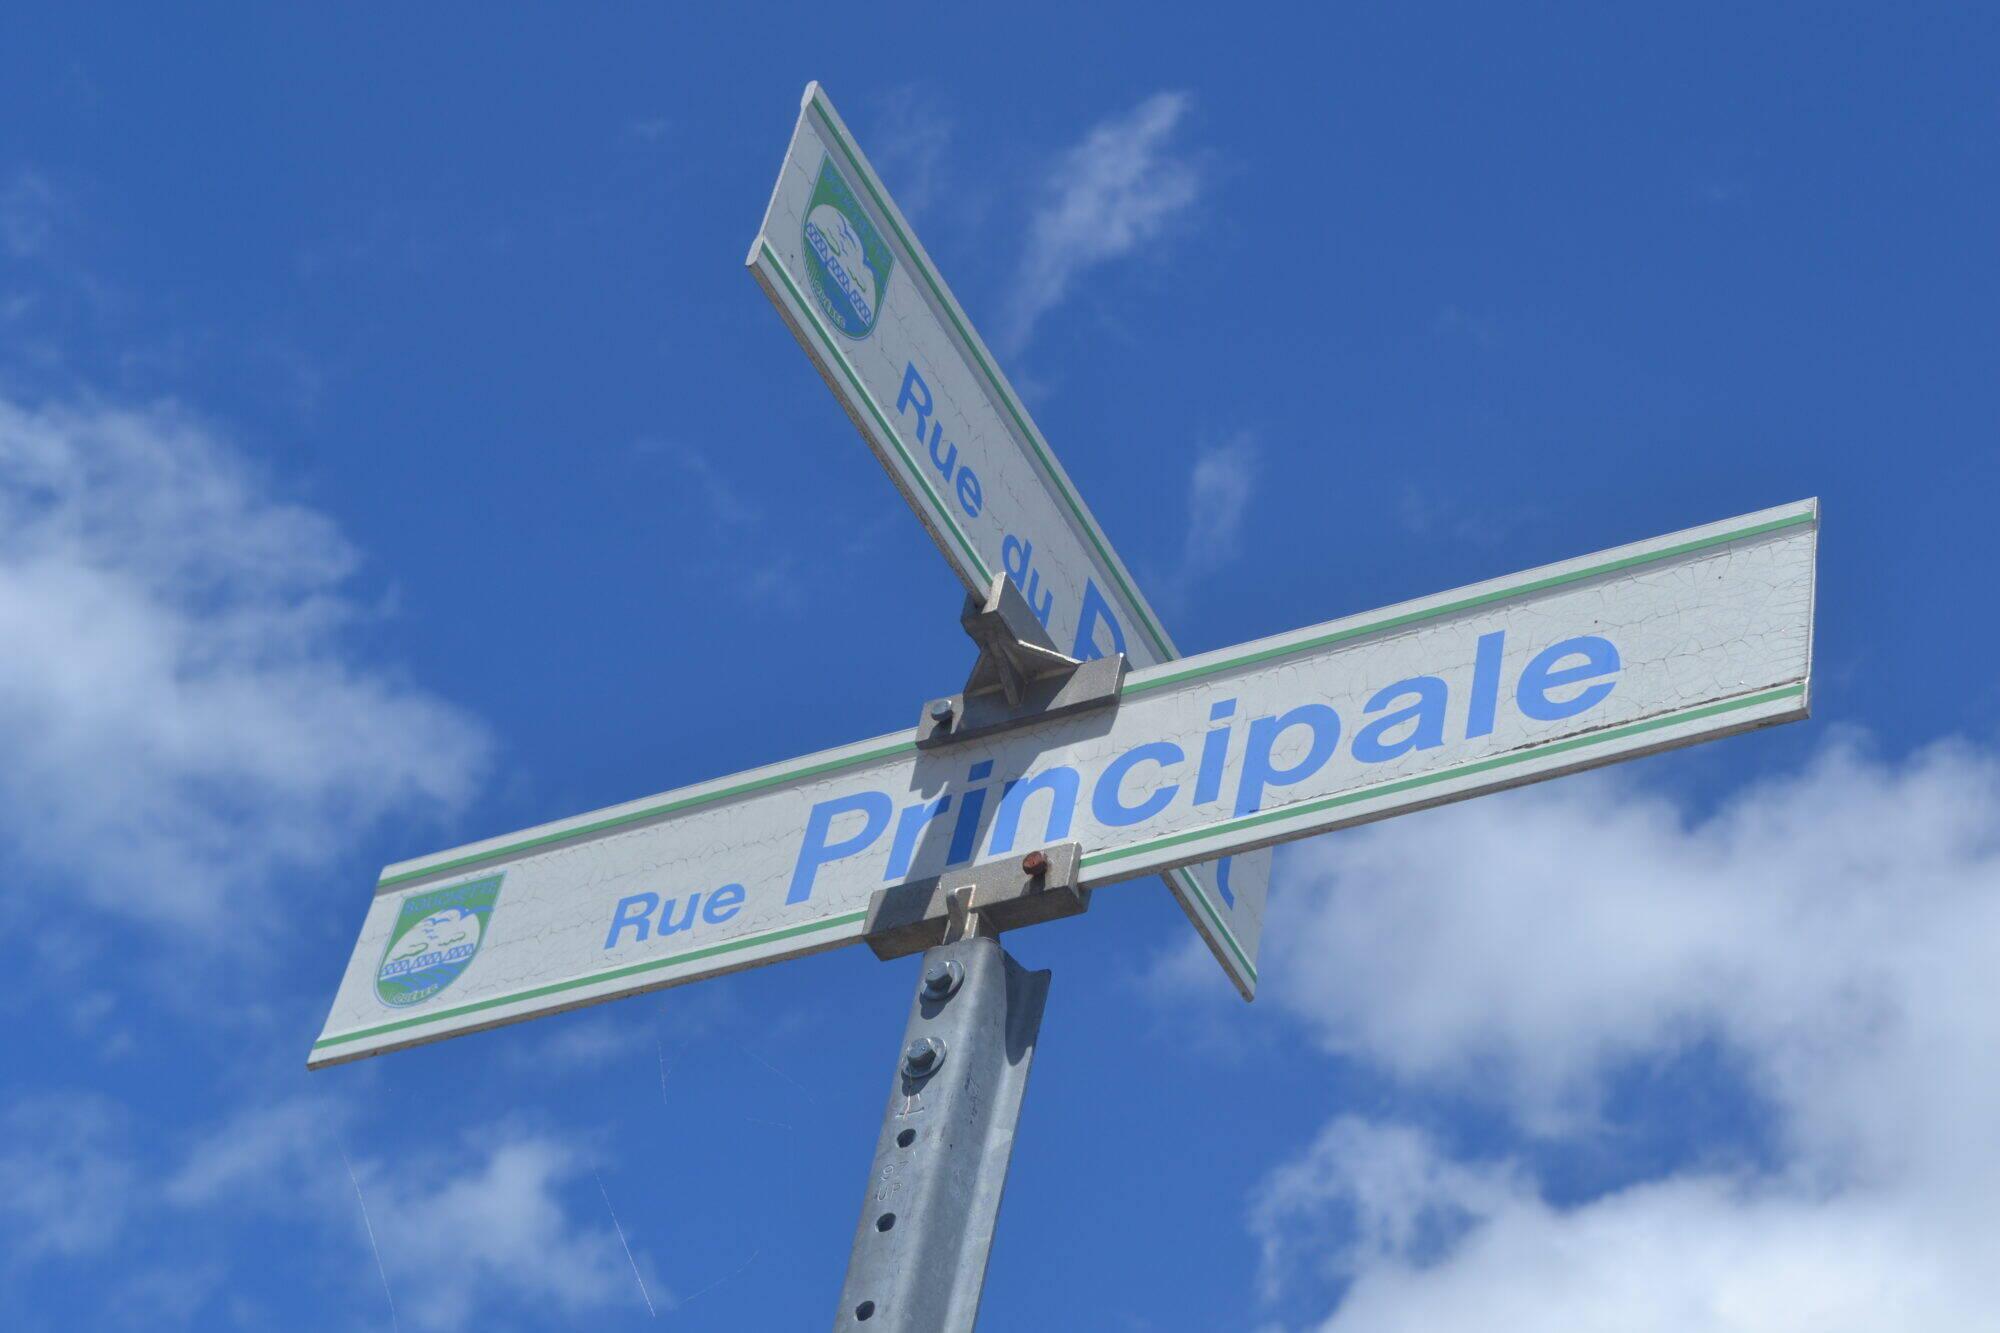 Bouchette rue Principale